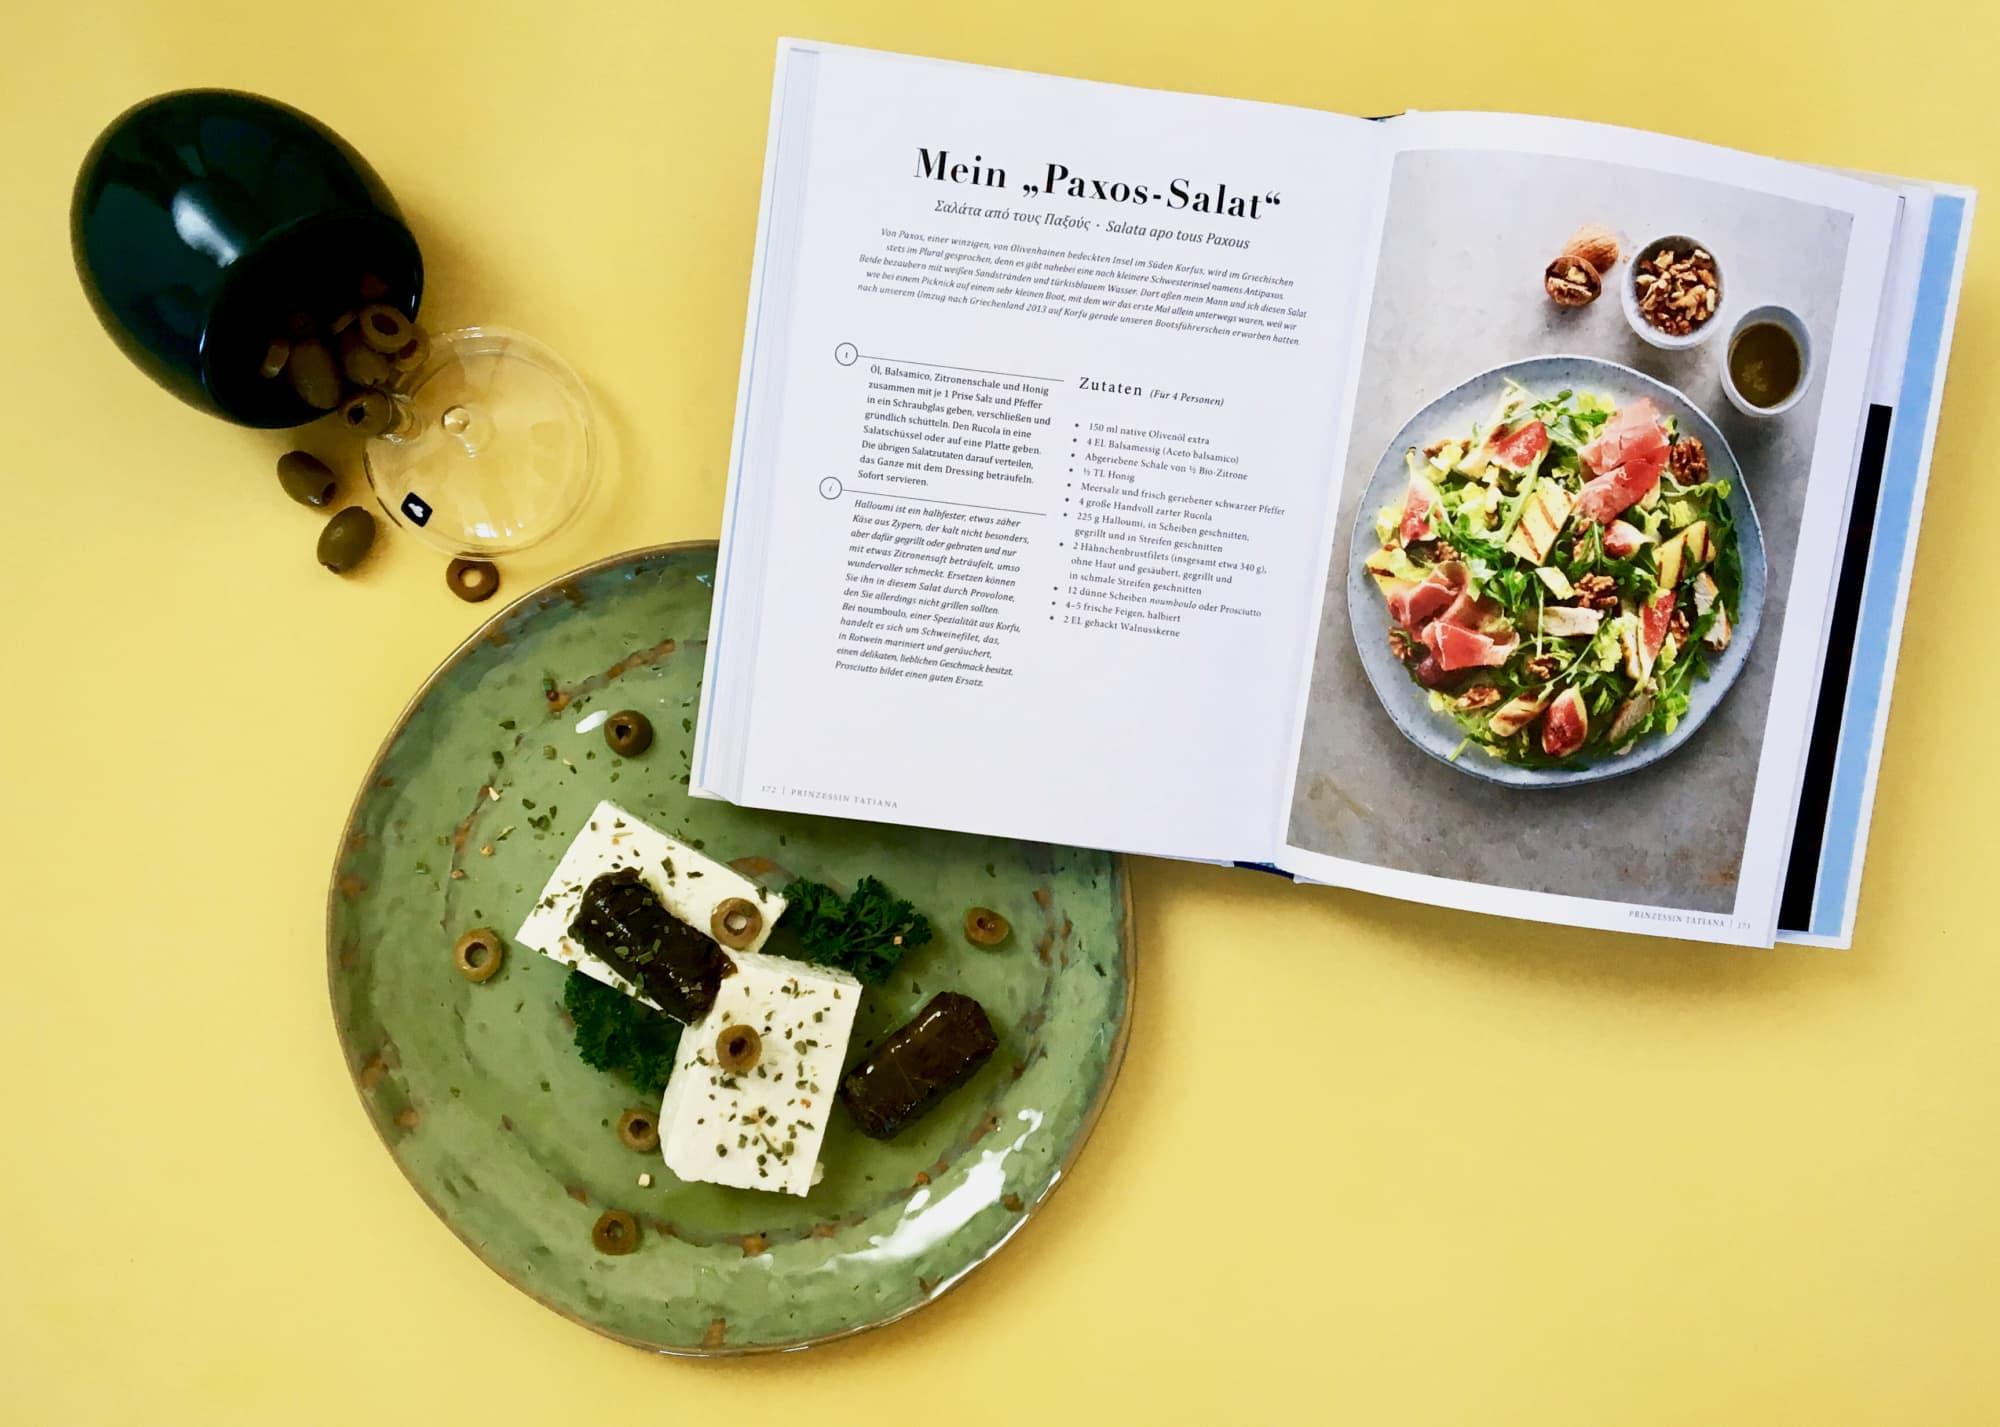 Atemberaubend Europäische Küche Design 2014 Bilder - Küchen Design ...